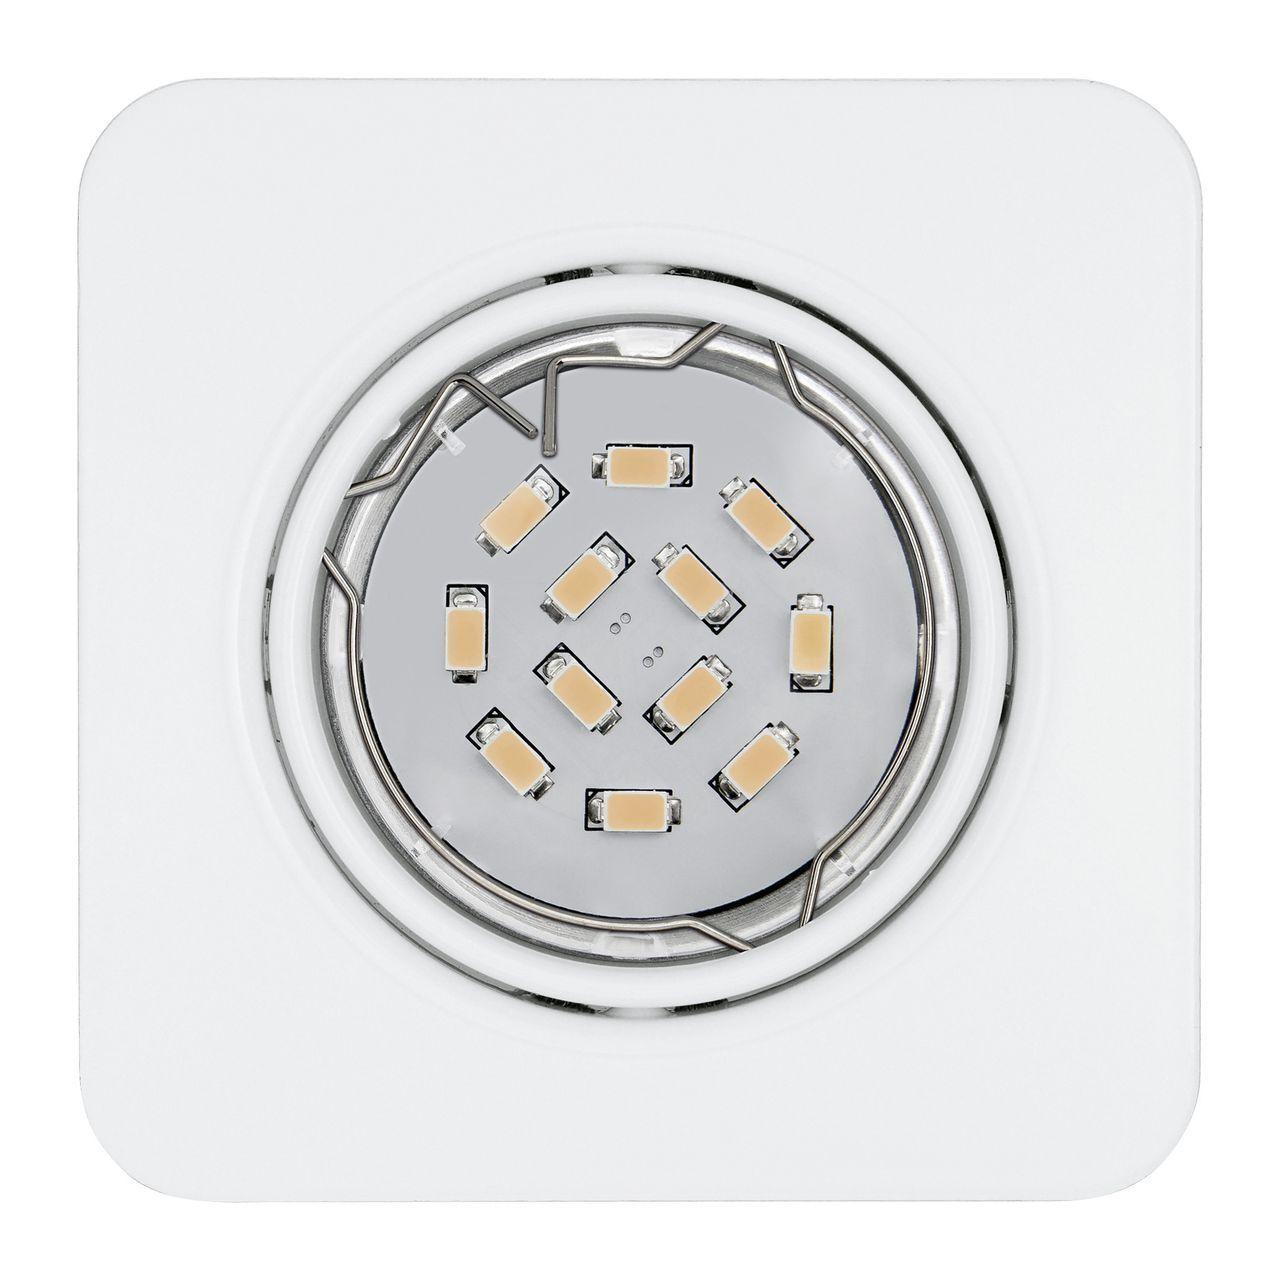 Встраиваемый светильник Eglo Peneto 94266 eglo встраиваемый светодиодный светильник eglo peneto 1 95894